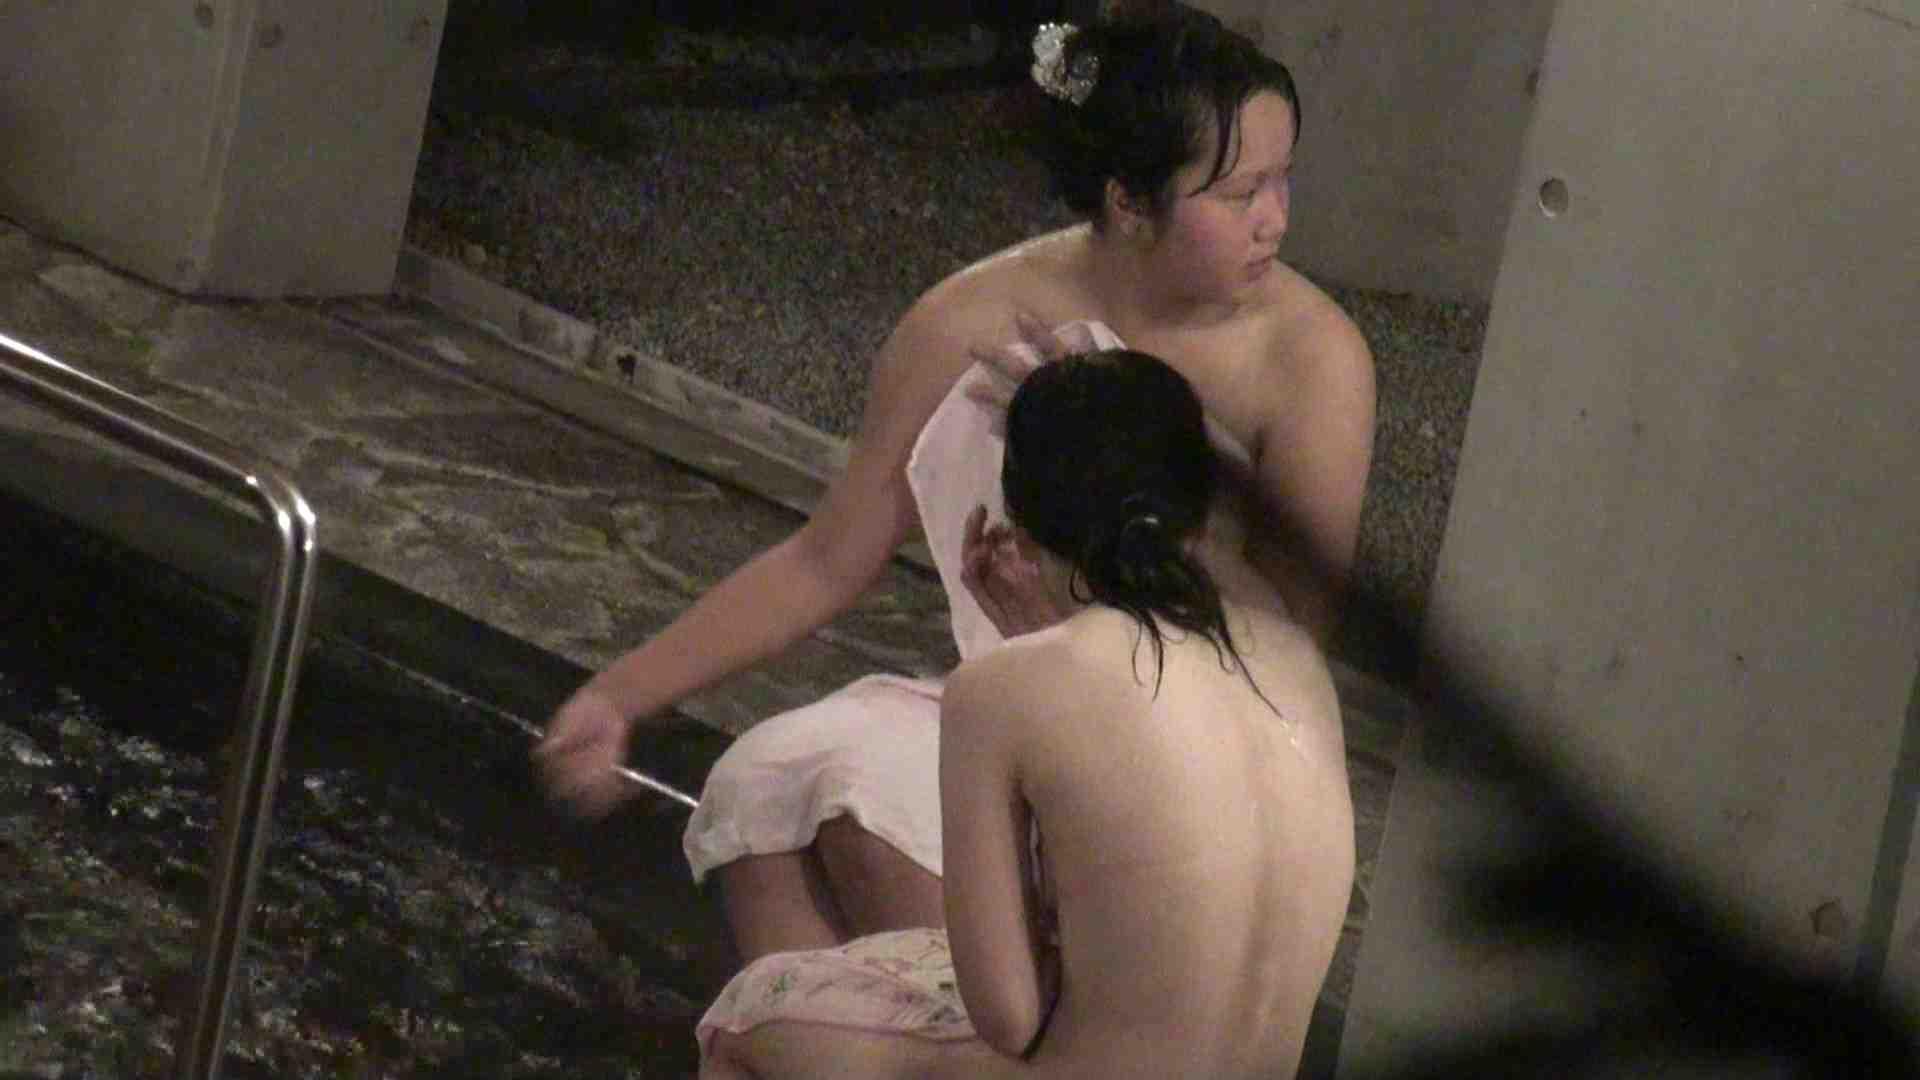 Aquaな露天風呂Vol.382 OLエロ画像 | 盗撮  78PICs 31